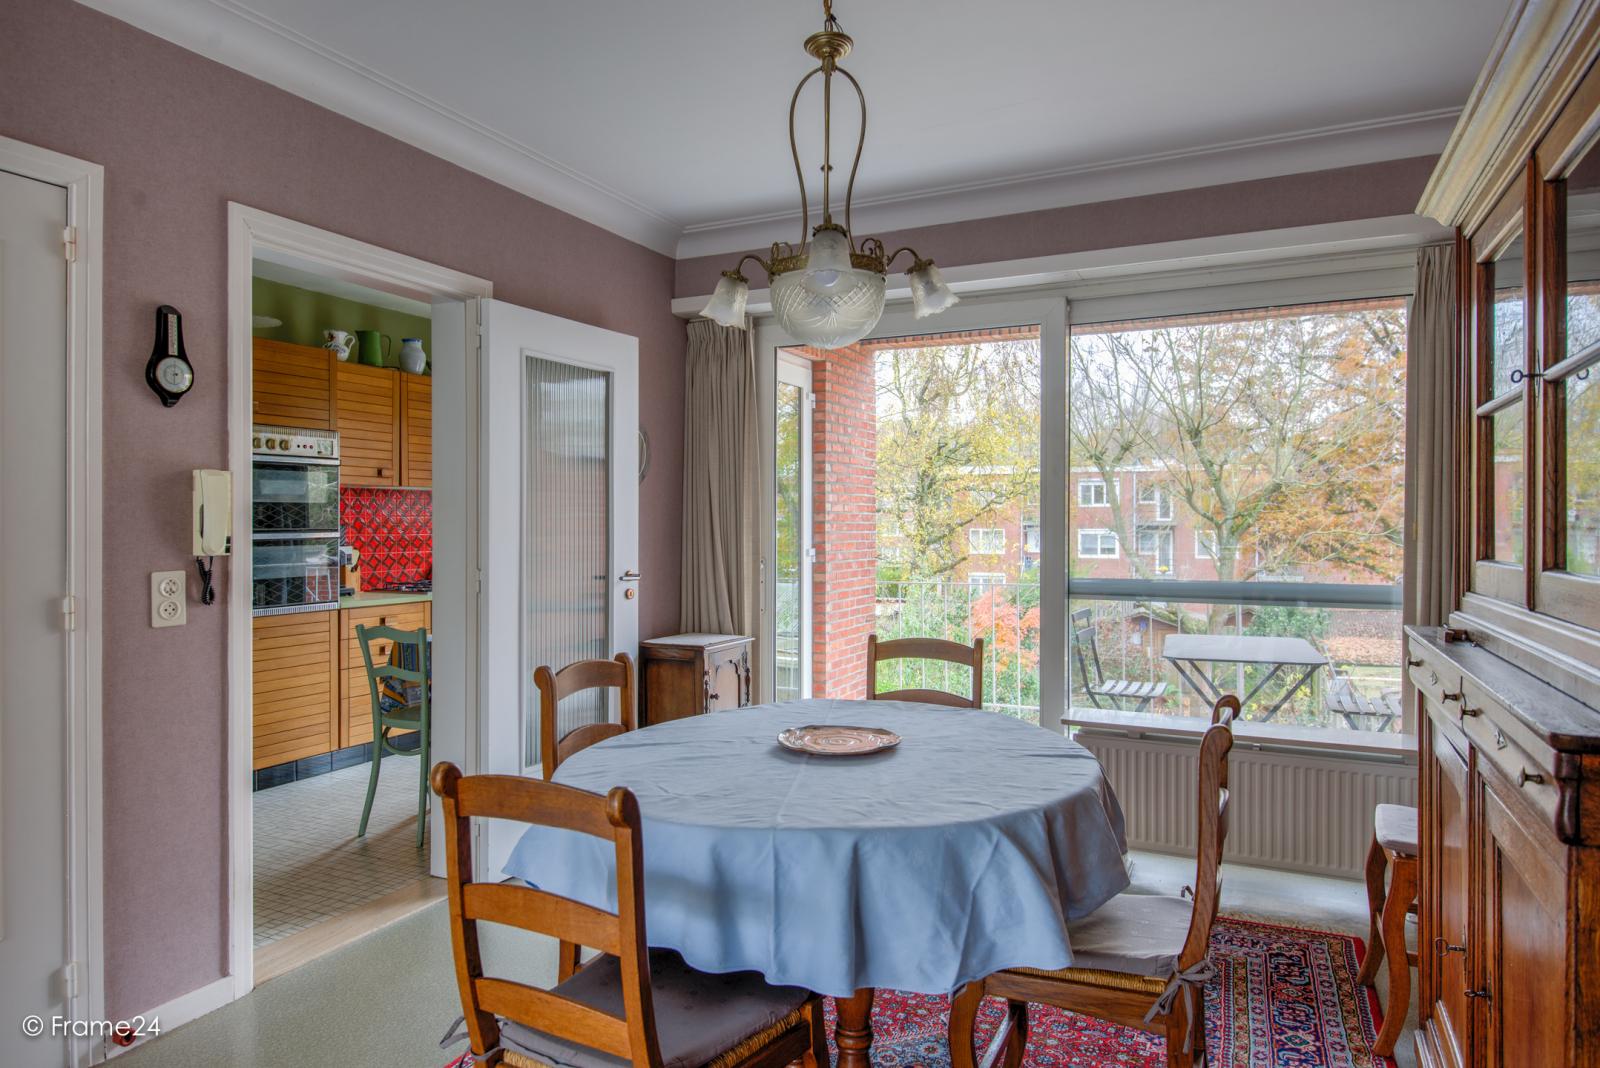 Zeer verzorgde bel-étagewoning met drie slaapkamers op toplocatie te Wijnegem! afbeelding 3